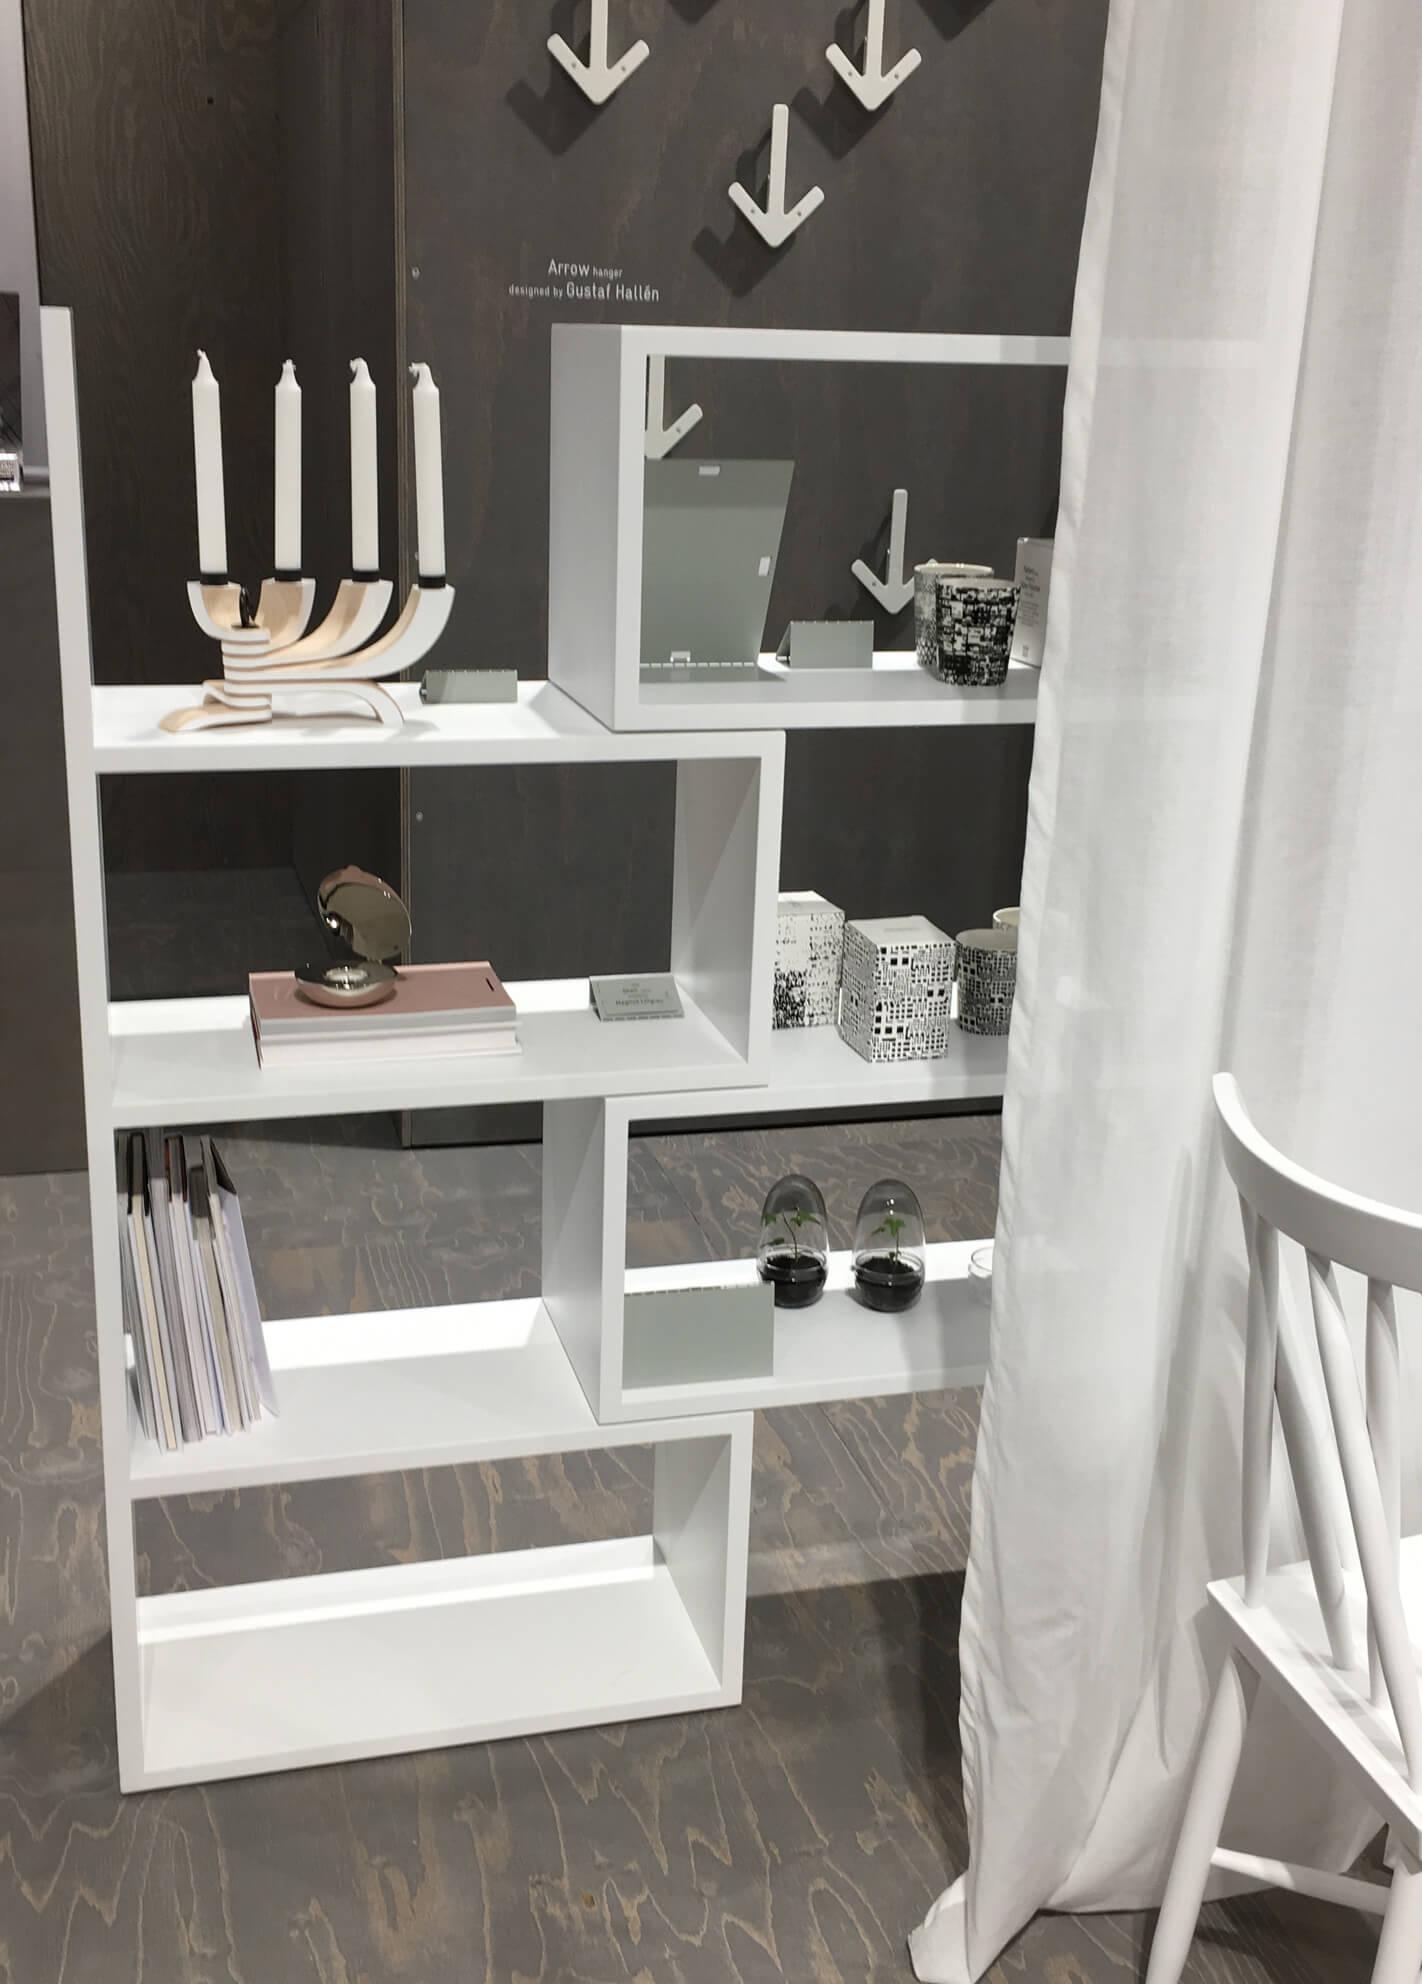 Extend Shelf von Design House Stockholm